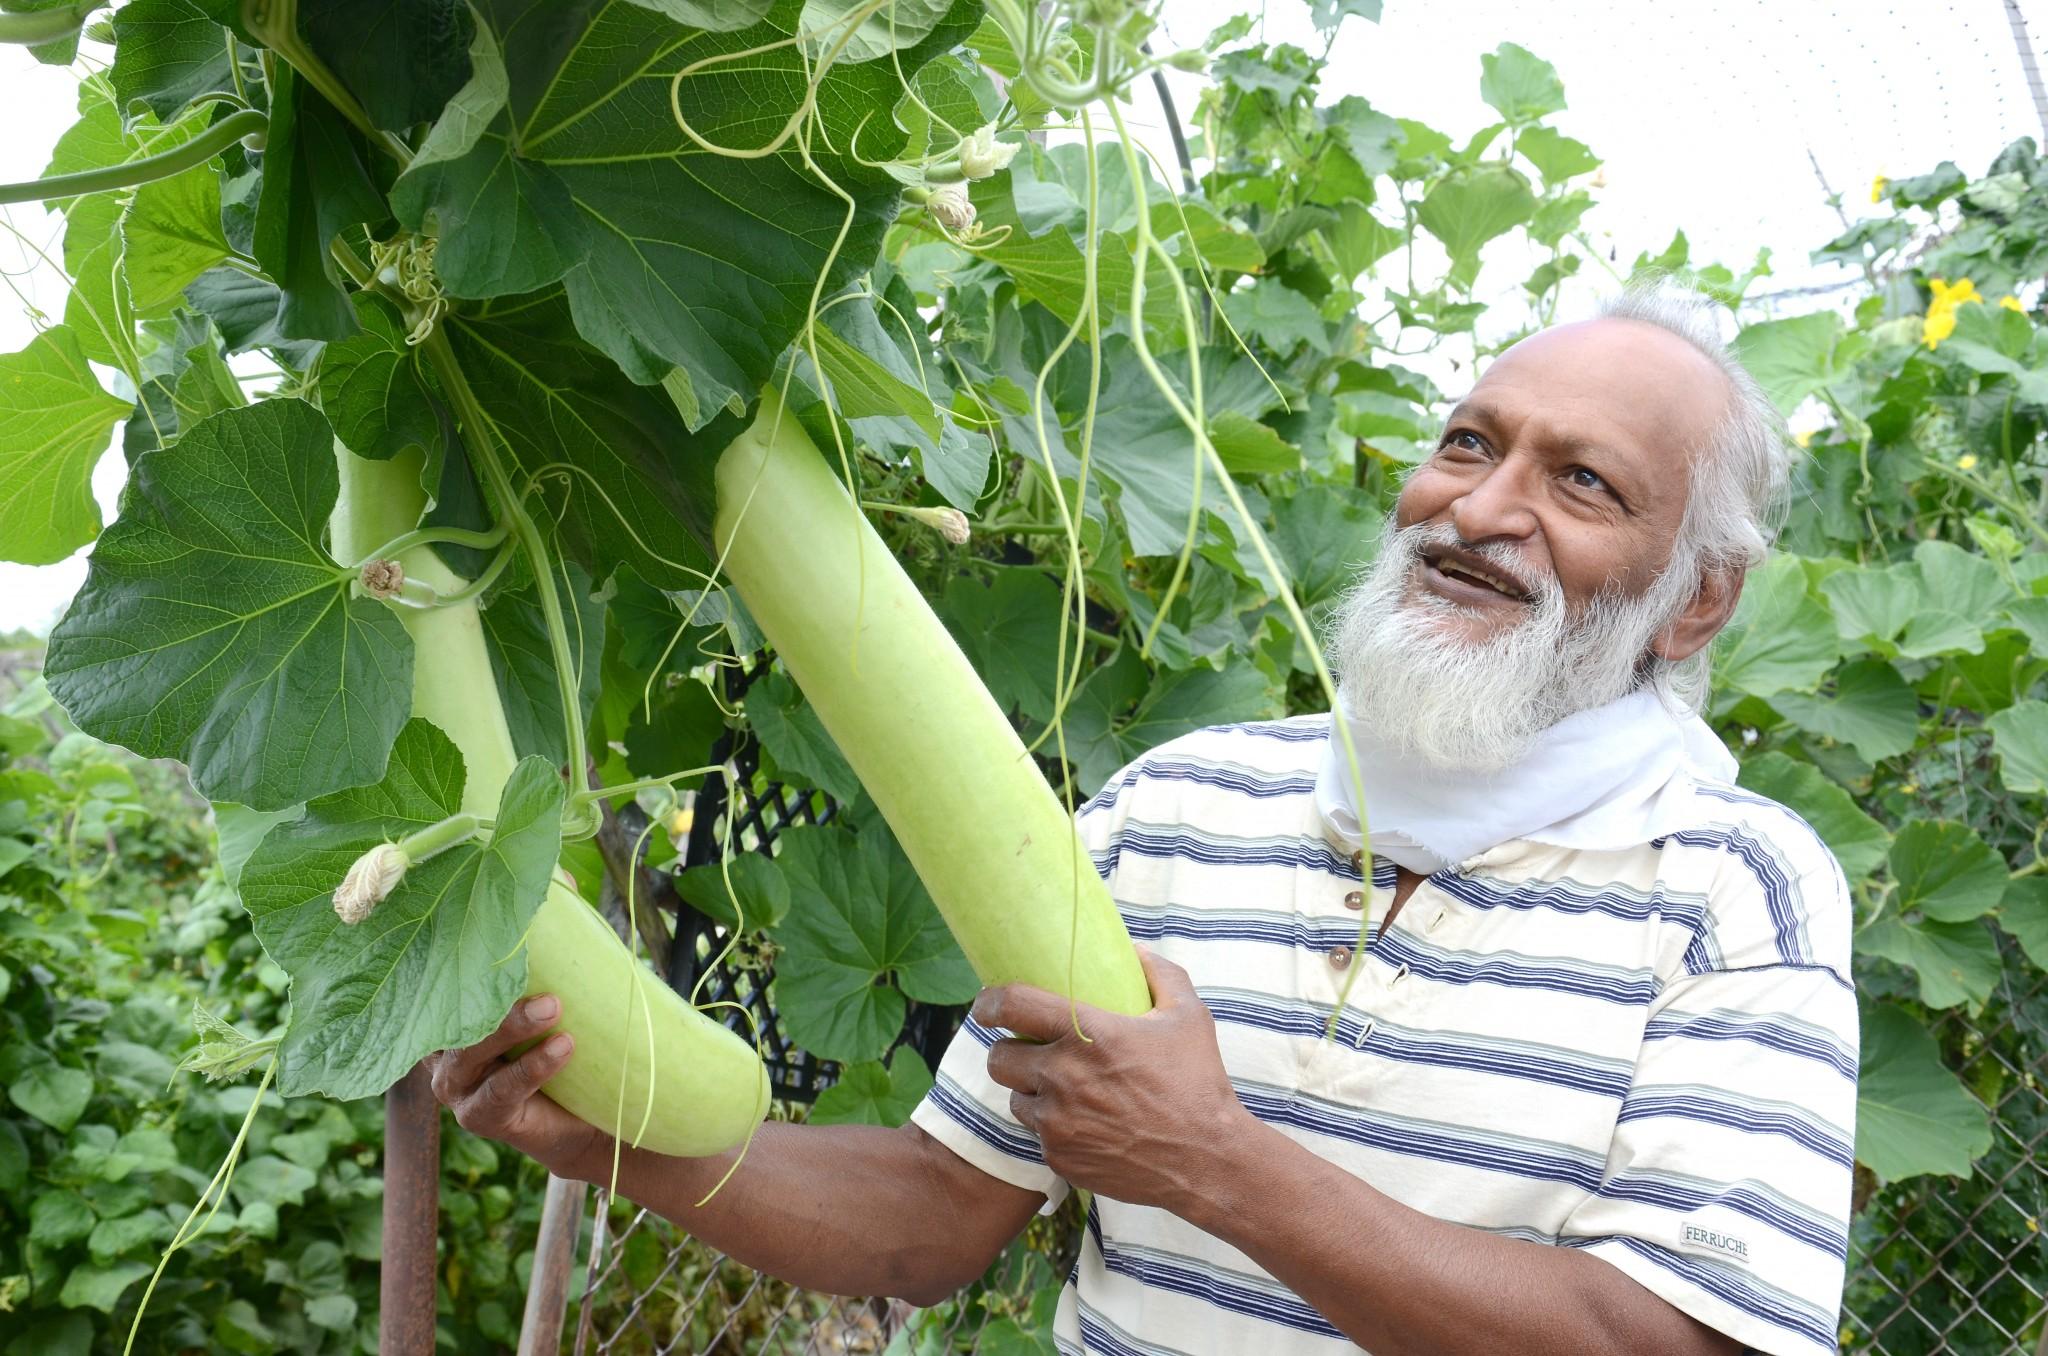 Prakash Thombre displays Bottle Gourds in his garden. (Press photo by Ken Grosjean)